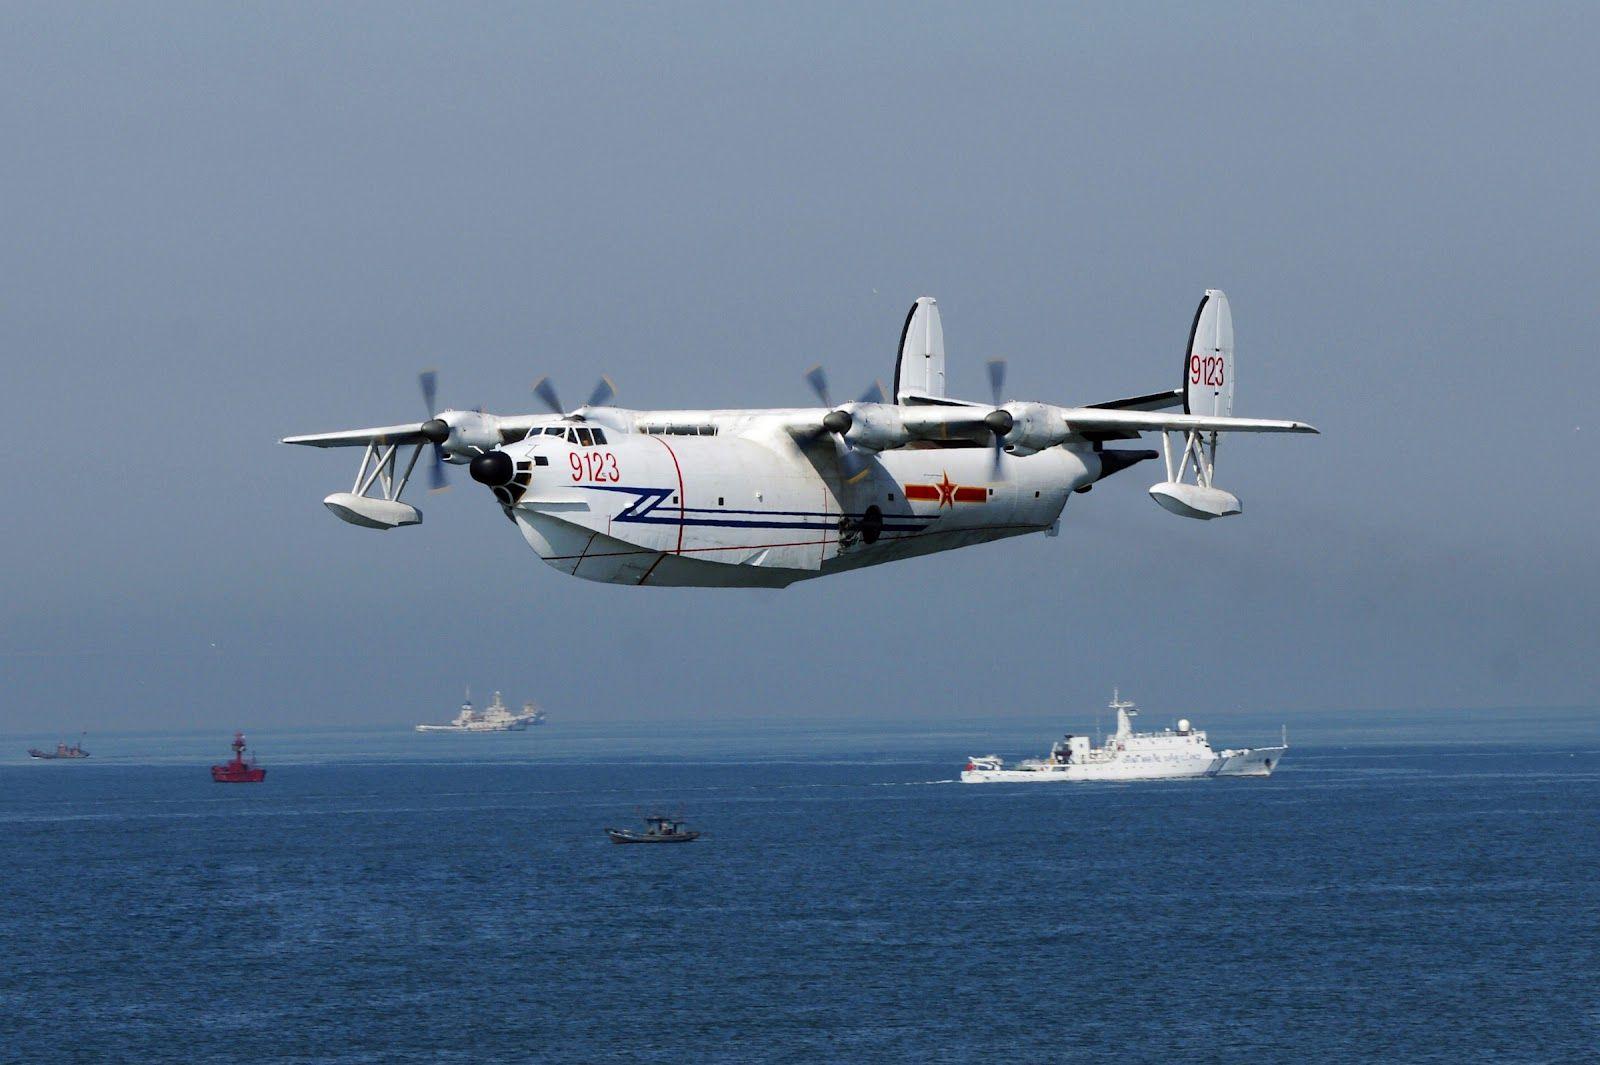 Chinese SH-5 Maritime Patrol Aircraft / Amphibious Aircraft